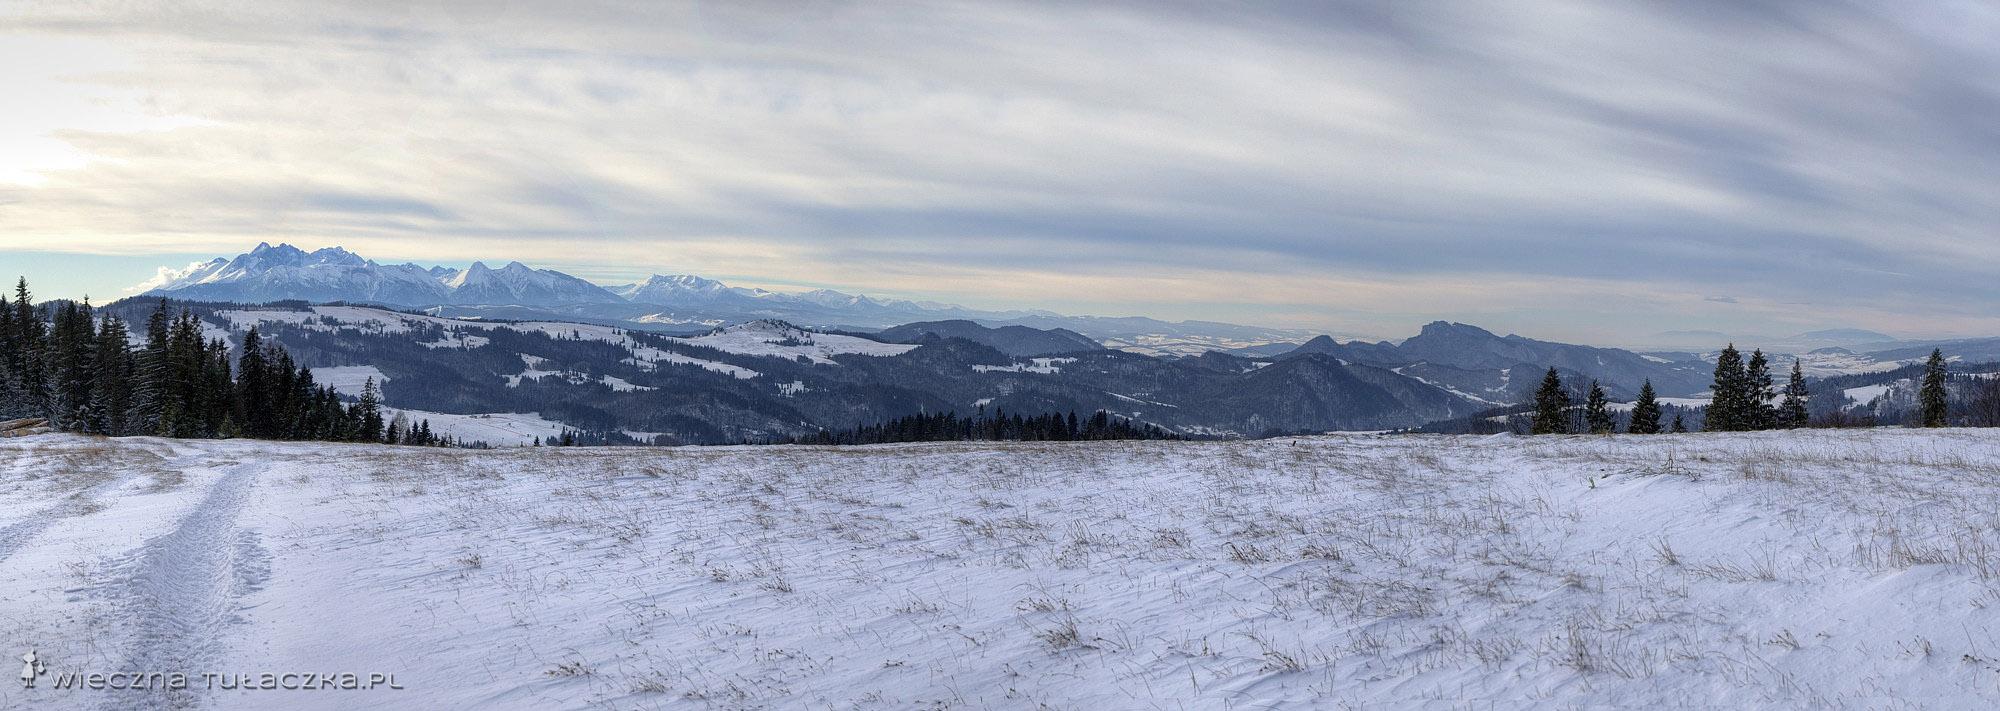 Pokrywisko, panorama na Tatry i Pieniny